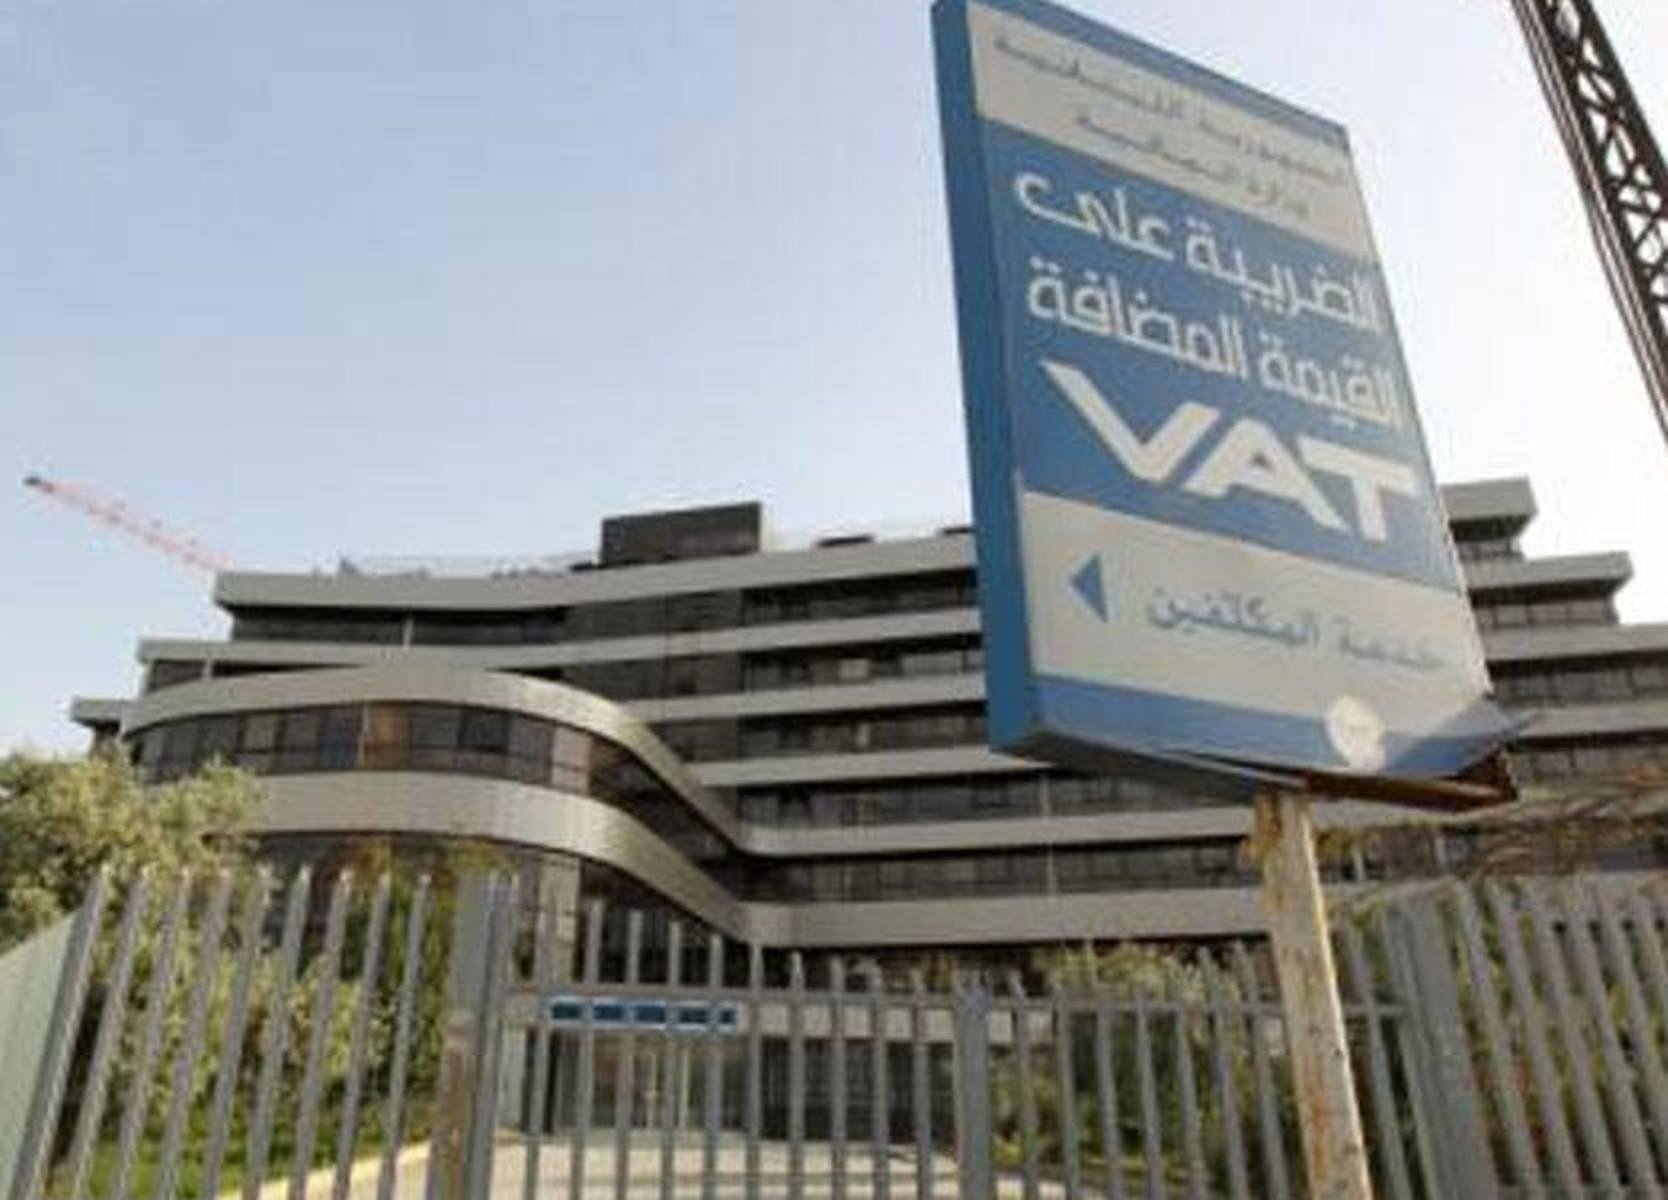 لبنان: إصلاح نظام الضرائب يُنقذ الإقتصاد ويُحقّق العدالة الإجتماعية